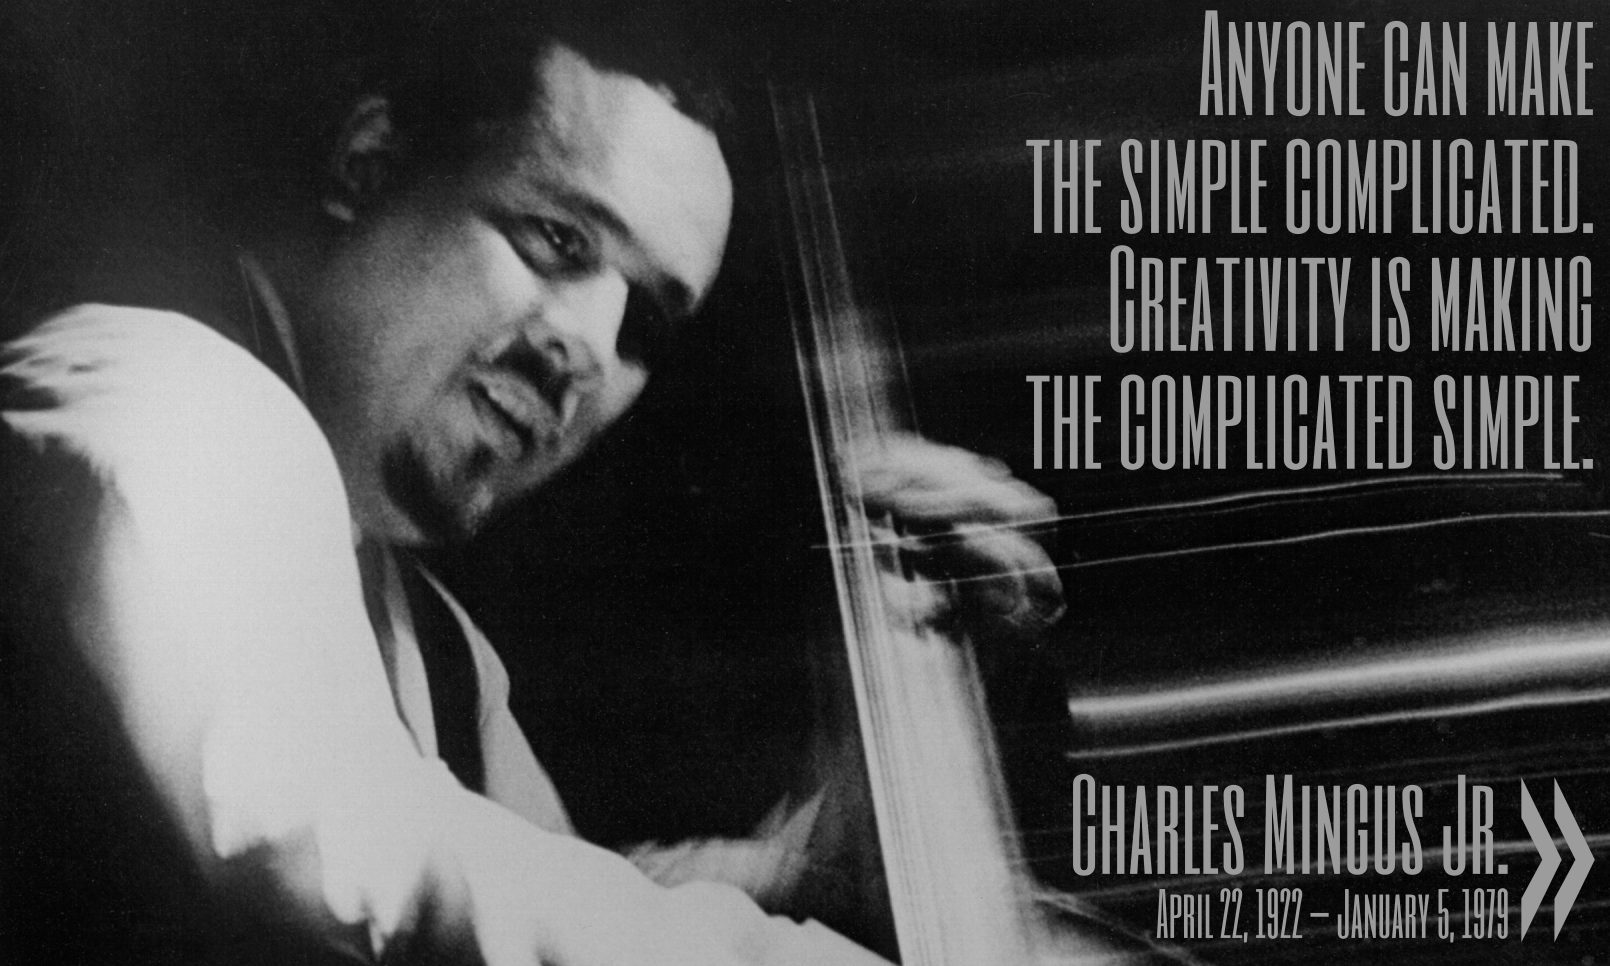 #CharlesMingus #Jazz